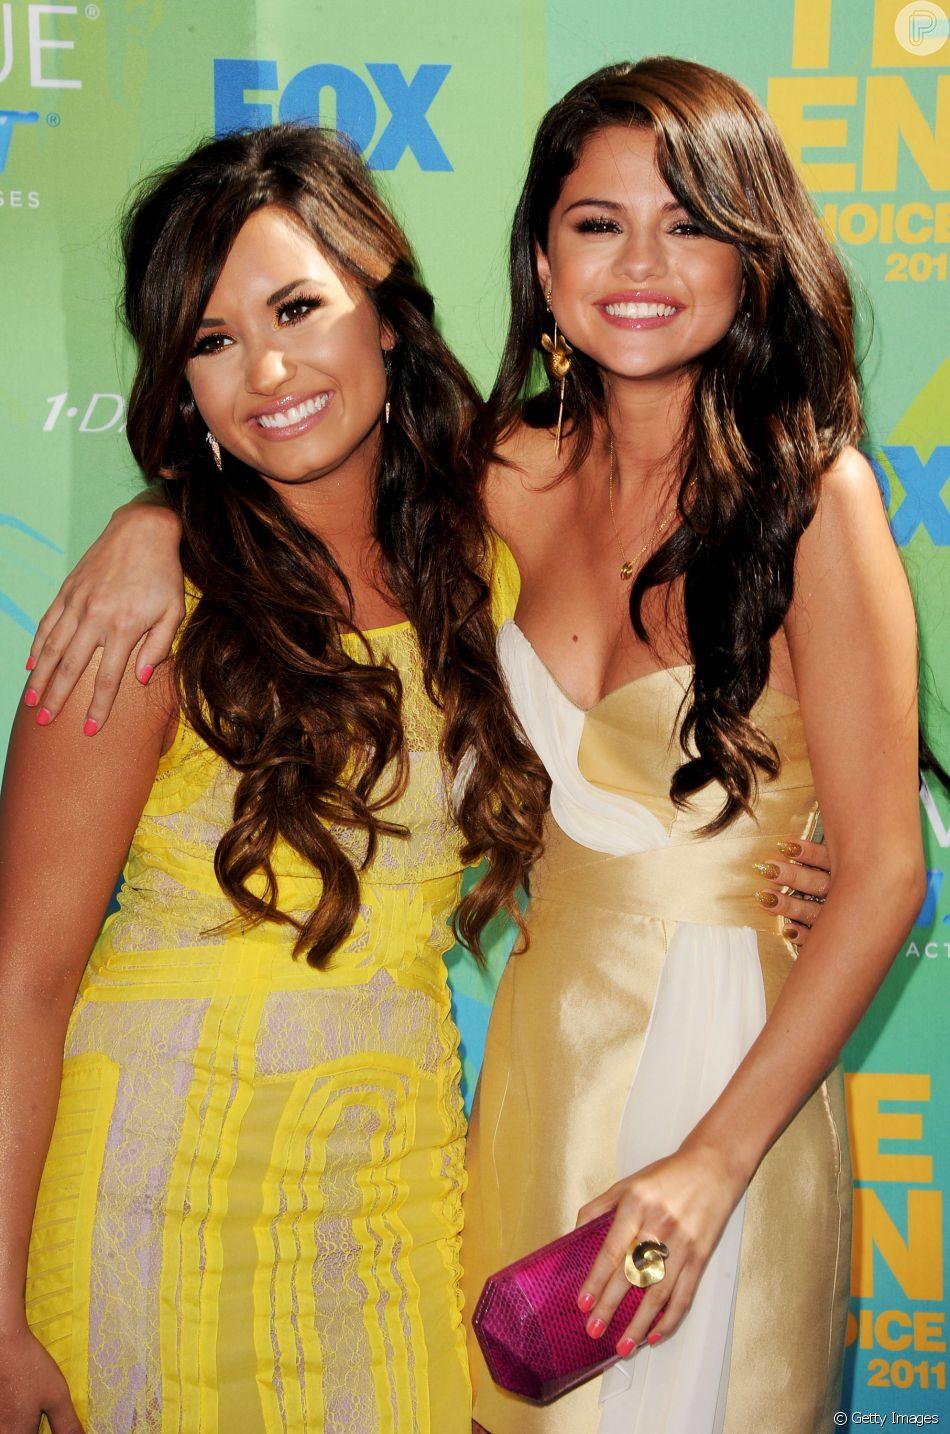 Selena Gomez falou com família de Demi Lovato após internação, de acordo com informações divulgadas nesta quarta-feira, dia 25 de julho de 2018